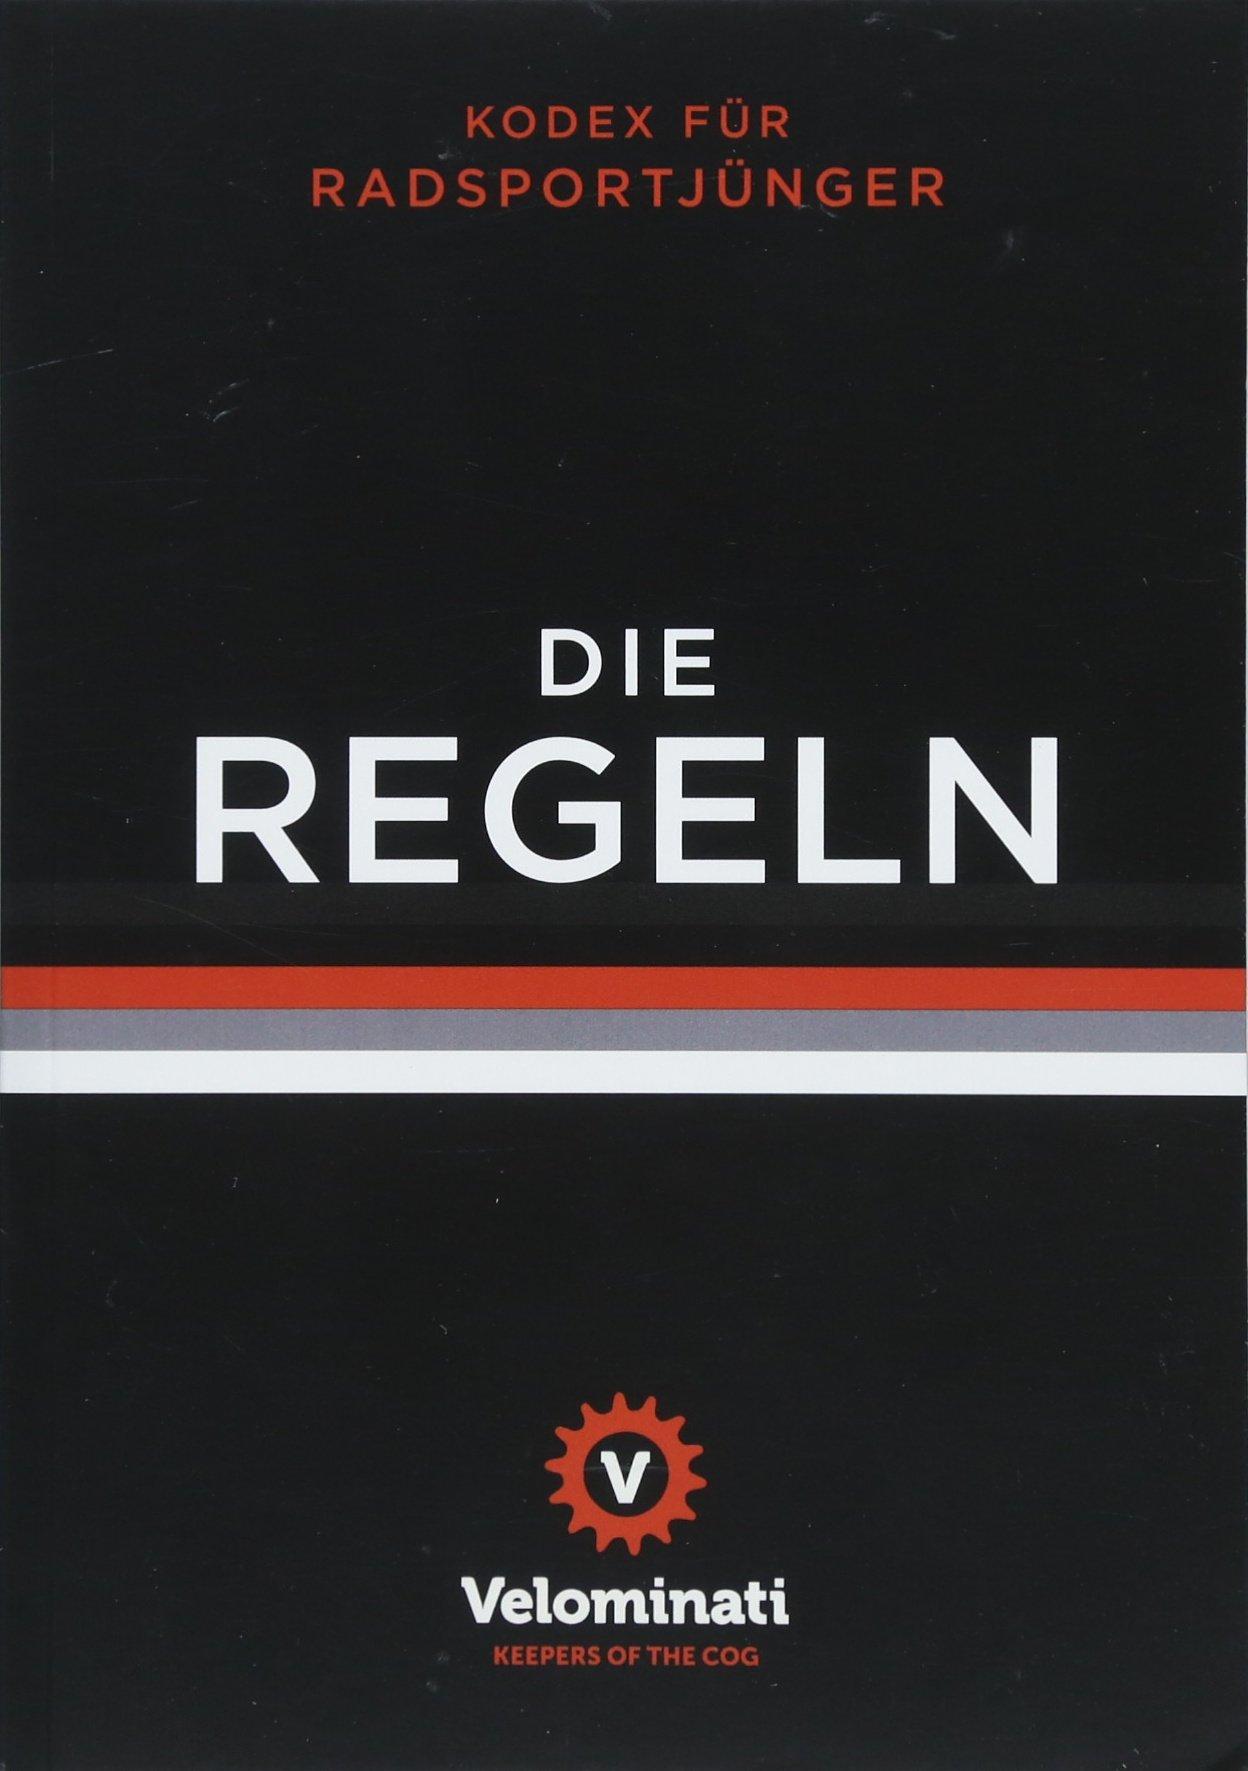 Die Regeln: Kodex für Radsportjünger